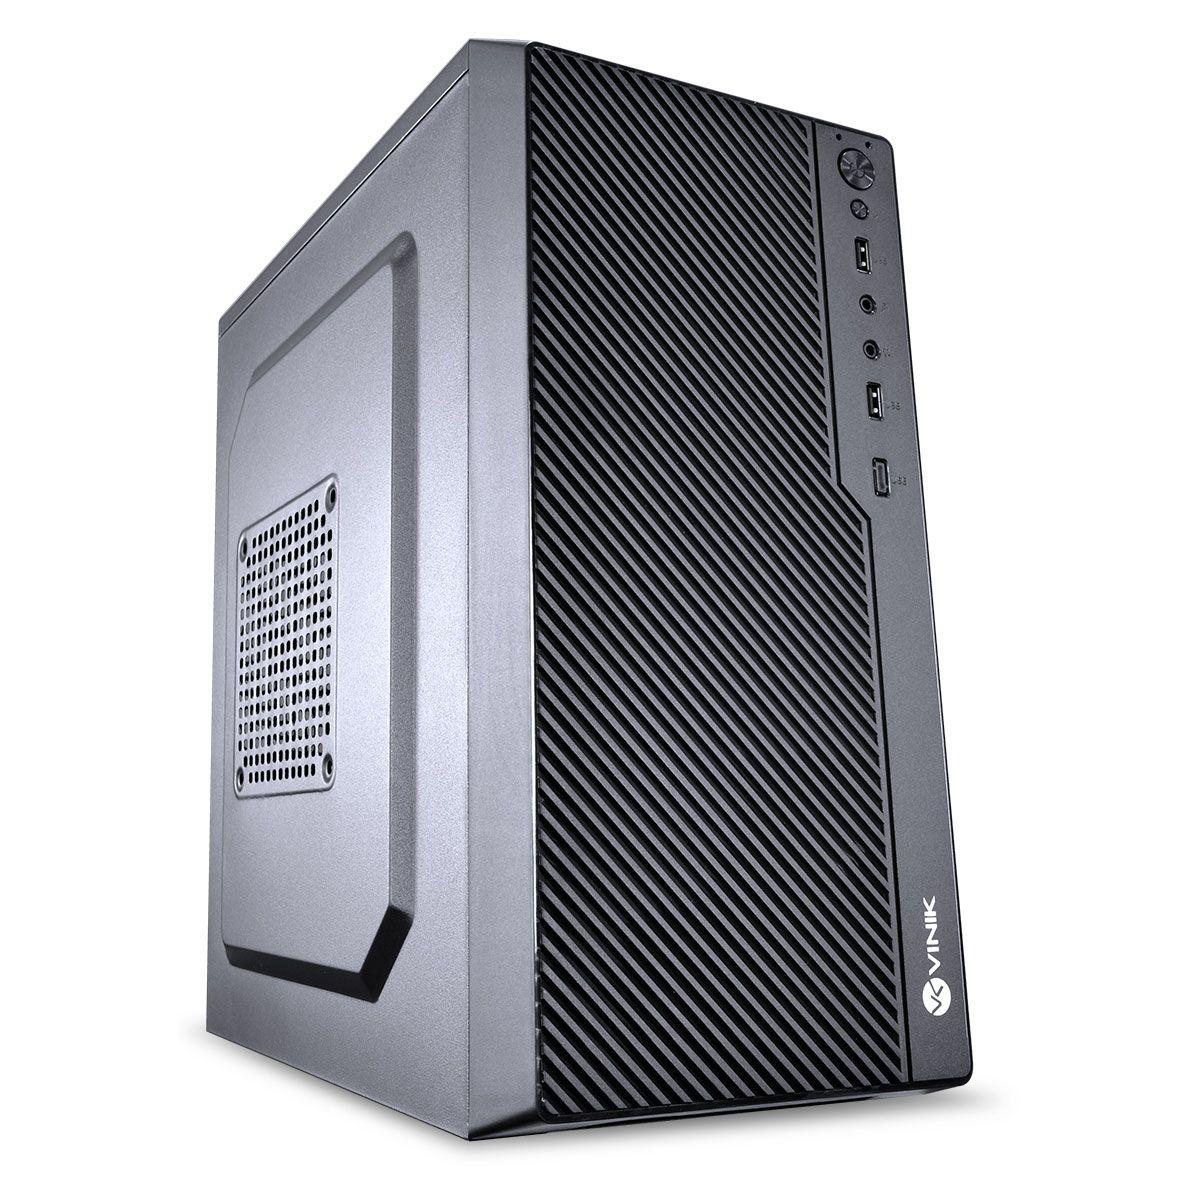 Computador Vinik AMD Dual Core A6 7480 3,6ghz, 4 gb, hd 500gb, Fonte 200w